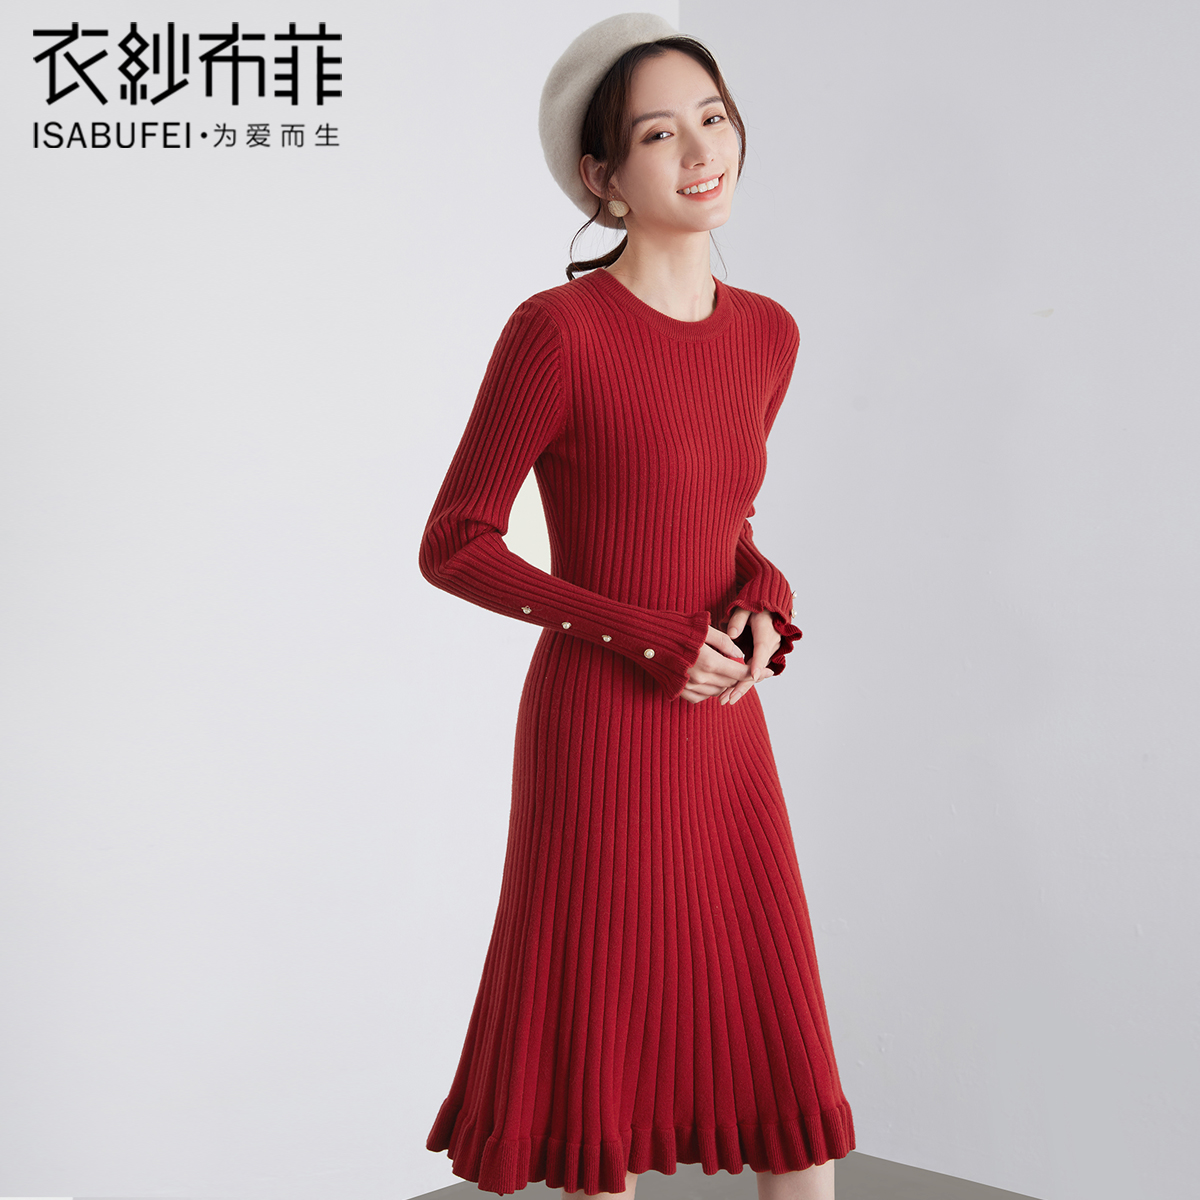 桐璐2019年冬季新款针织连衣裙女a毛衣毛衣裙子气质长款打底裙过膝